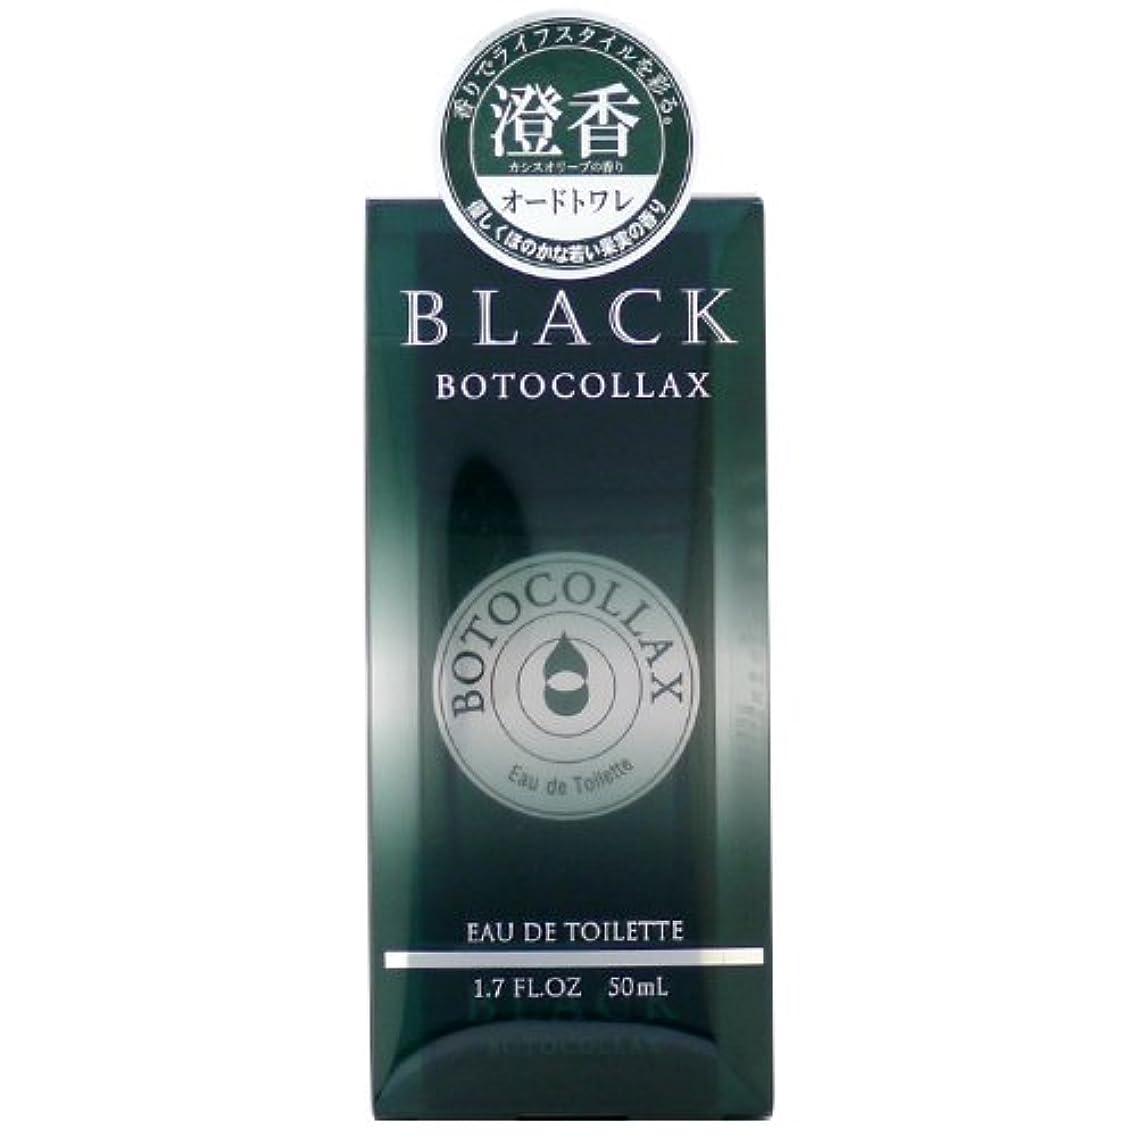 工場惨めなカストディアンボトコラックス BOTOCOLLAX ブラック オリーブ 50ml EDT SP オードトワレスプレー